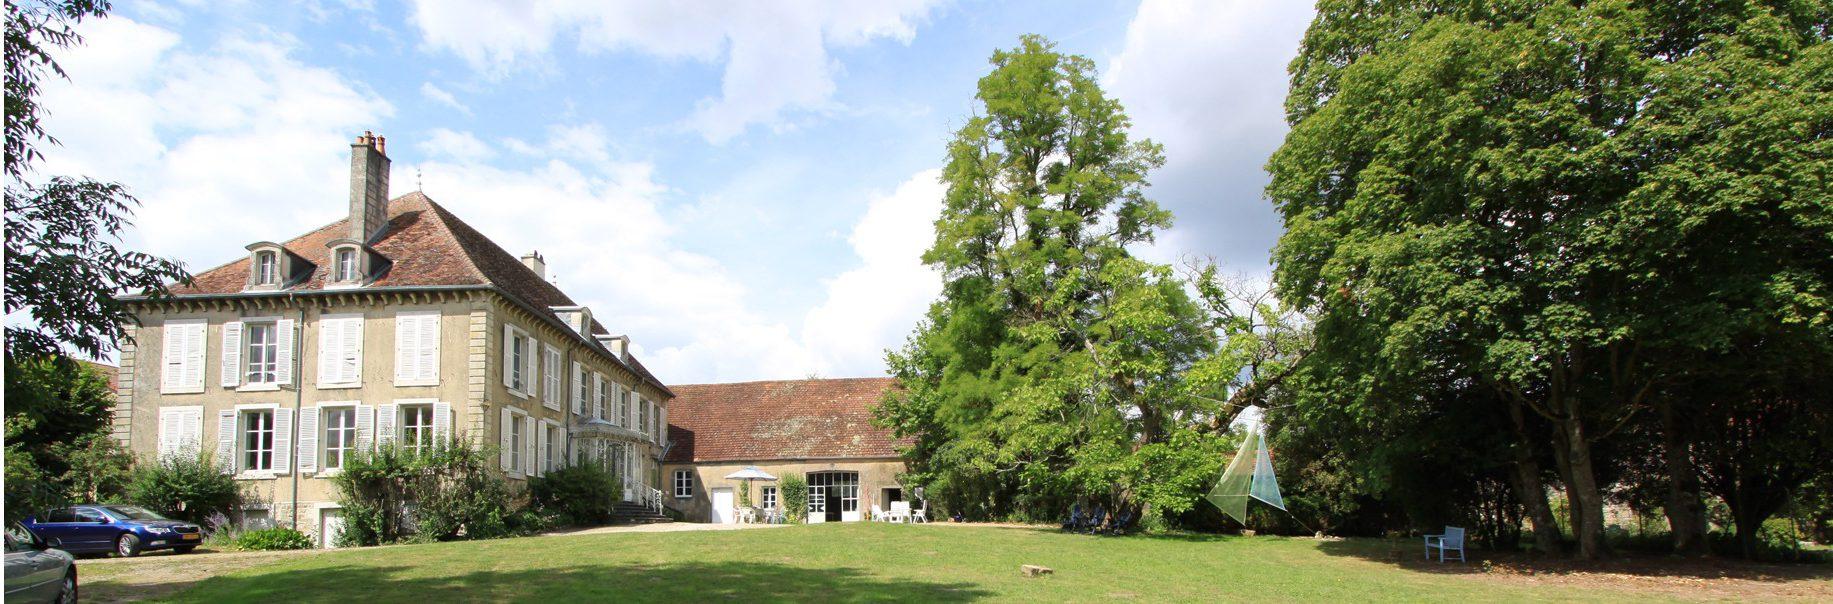 groothoek beeld landhuis en bijgebouw en bomen